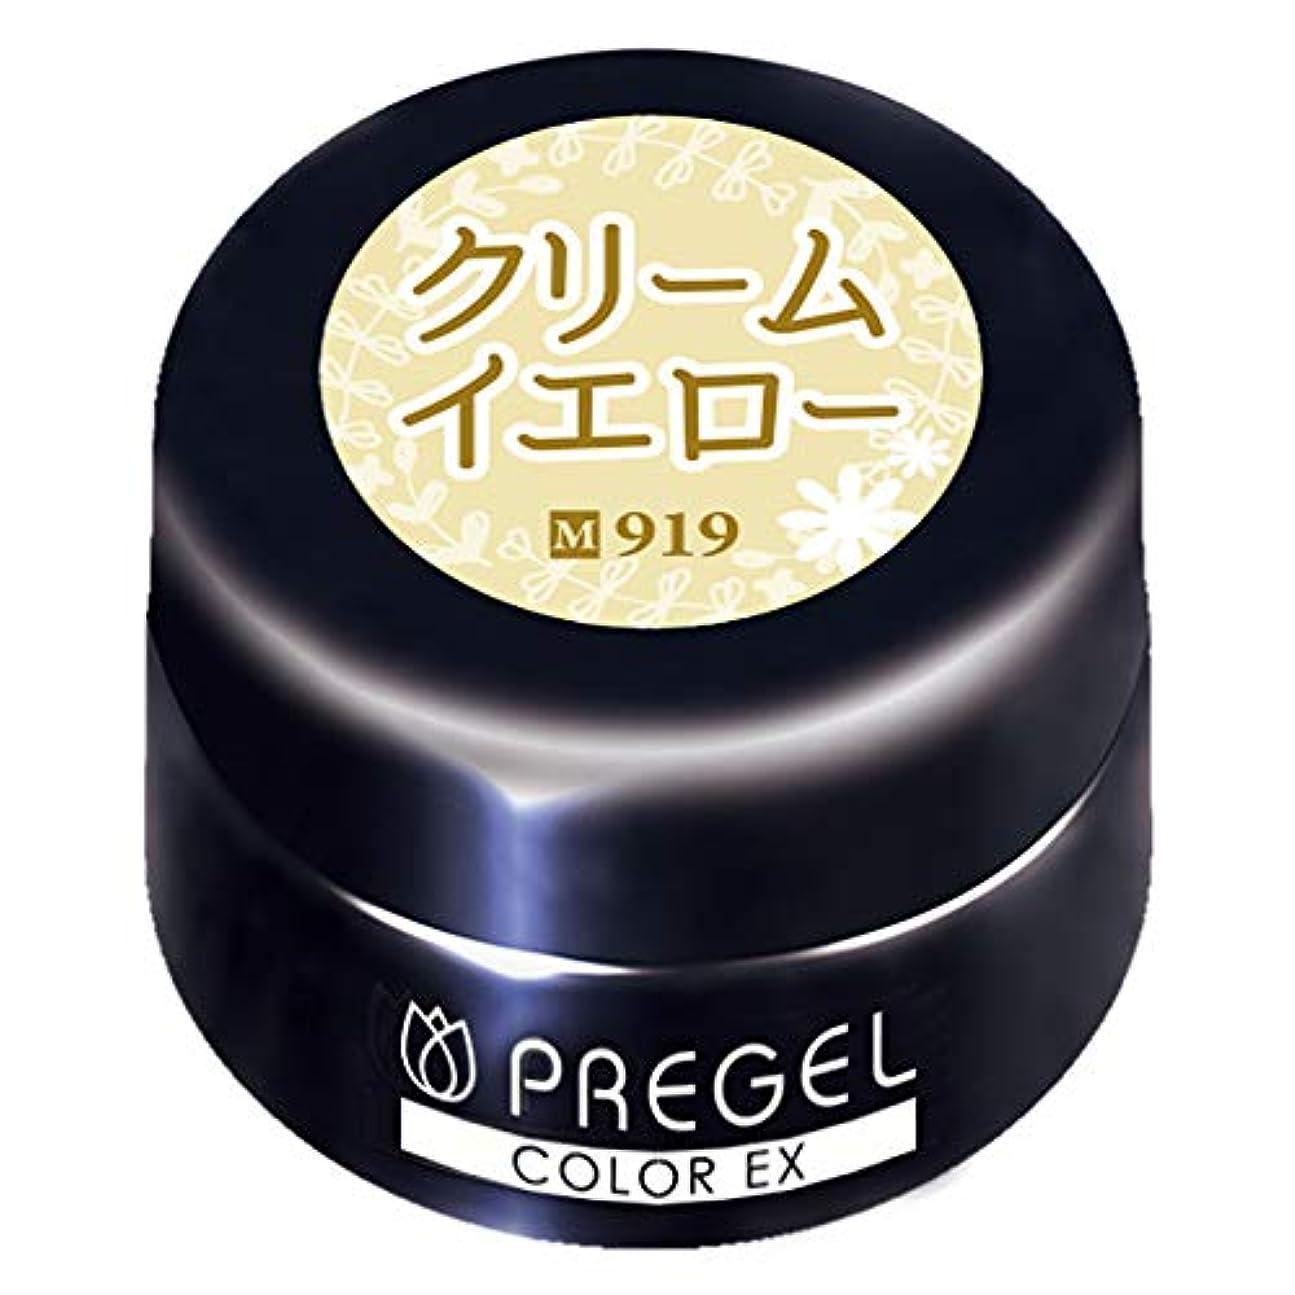 挑発する余剰敷居PRE GEL(プリジェル) PRE GEL カラーEX クリームイエロー919 3g PG-CE919 UV/LED対応 ジェルネイル